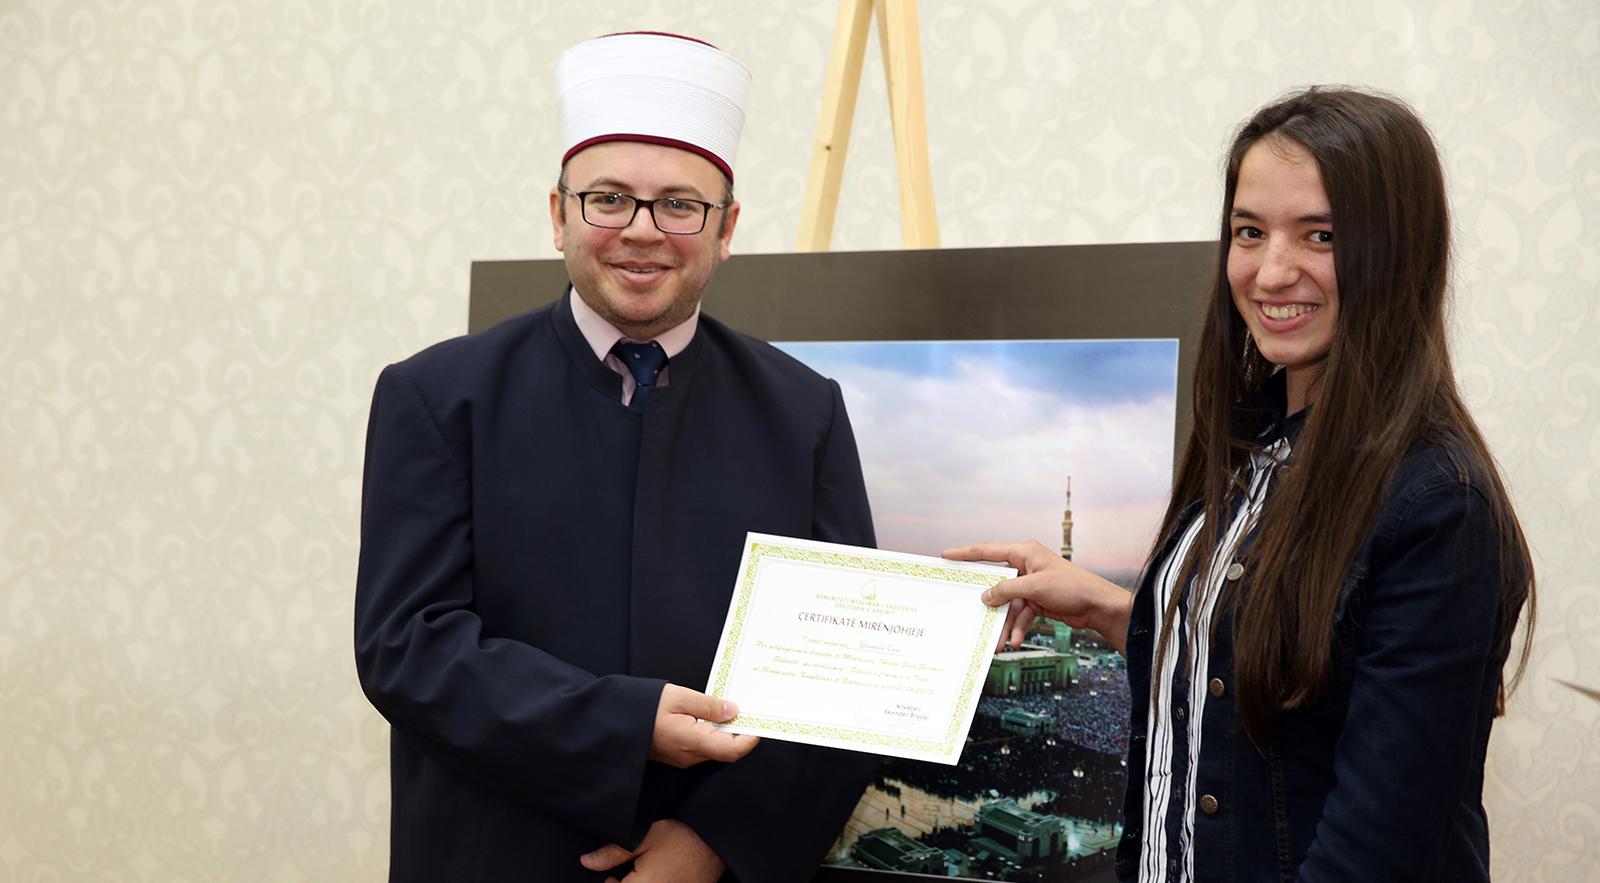 Kryetari Bruçaj vlerëson me Certifikata Mirënjohje nxënësit e medreseve